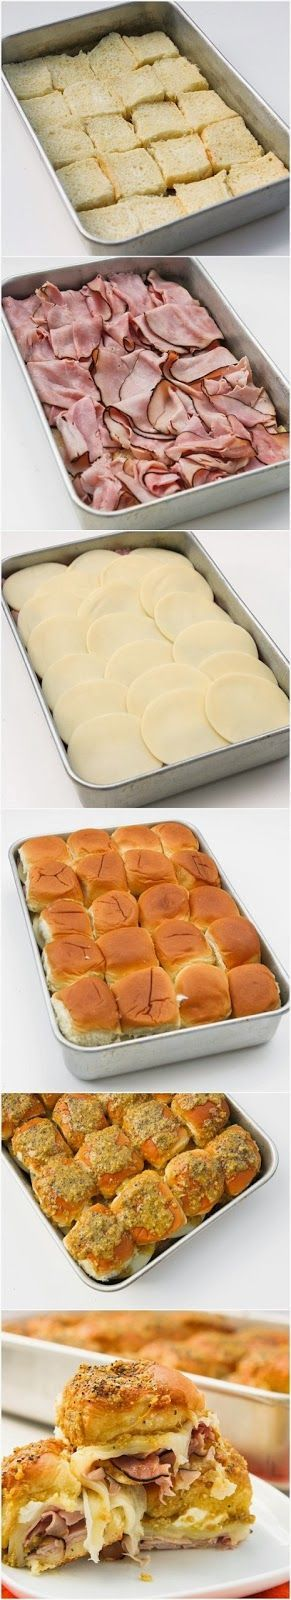 Soep en broodjes uit de oven